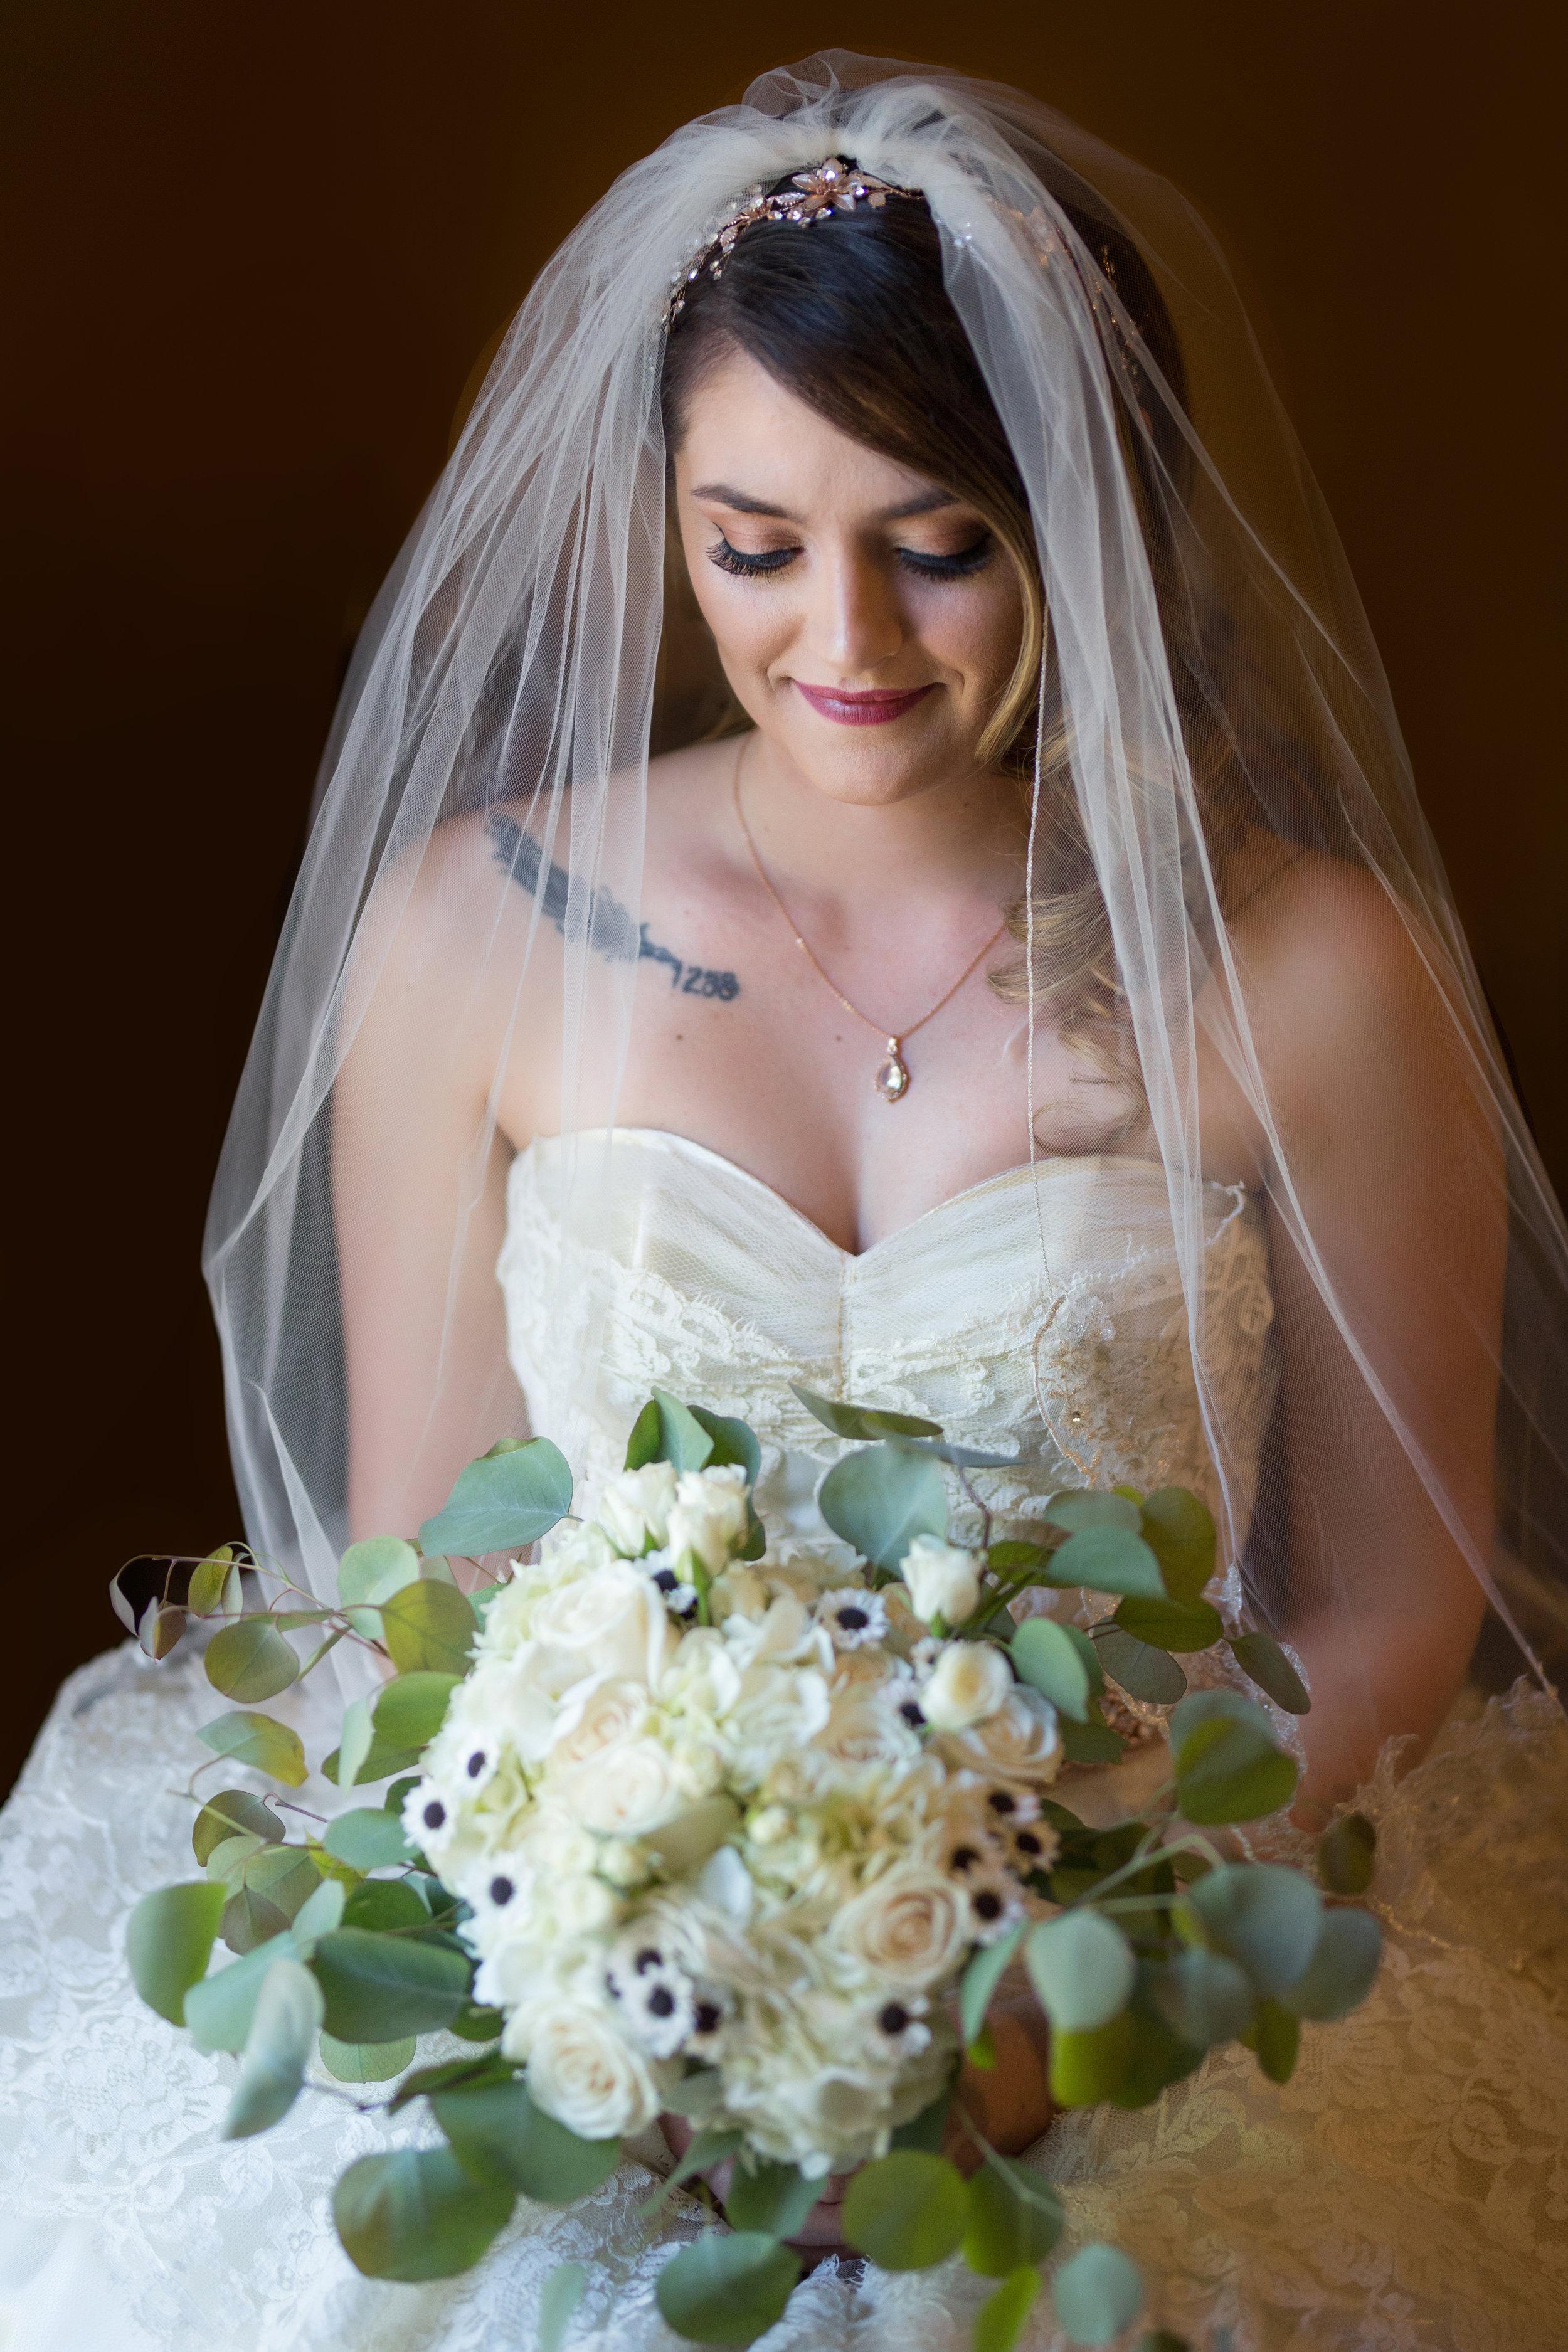 flagstaff-stait-wedding-118.jpg